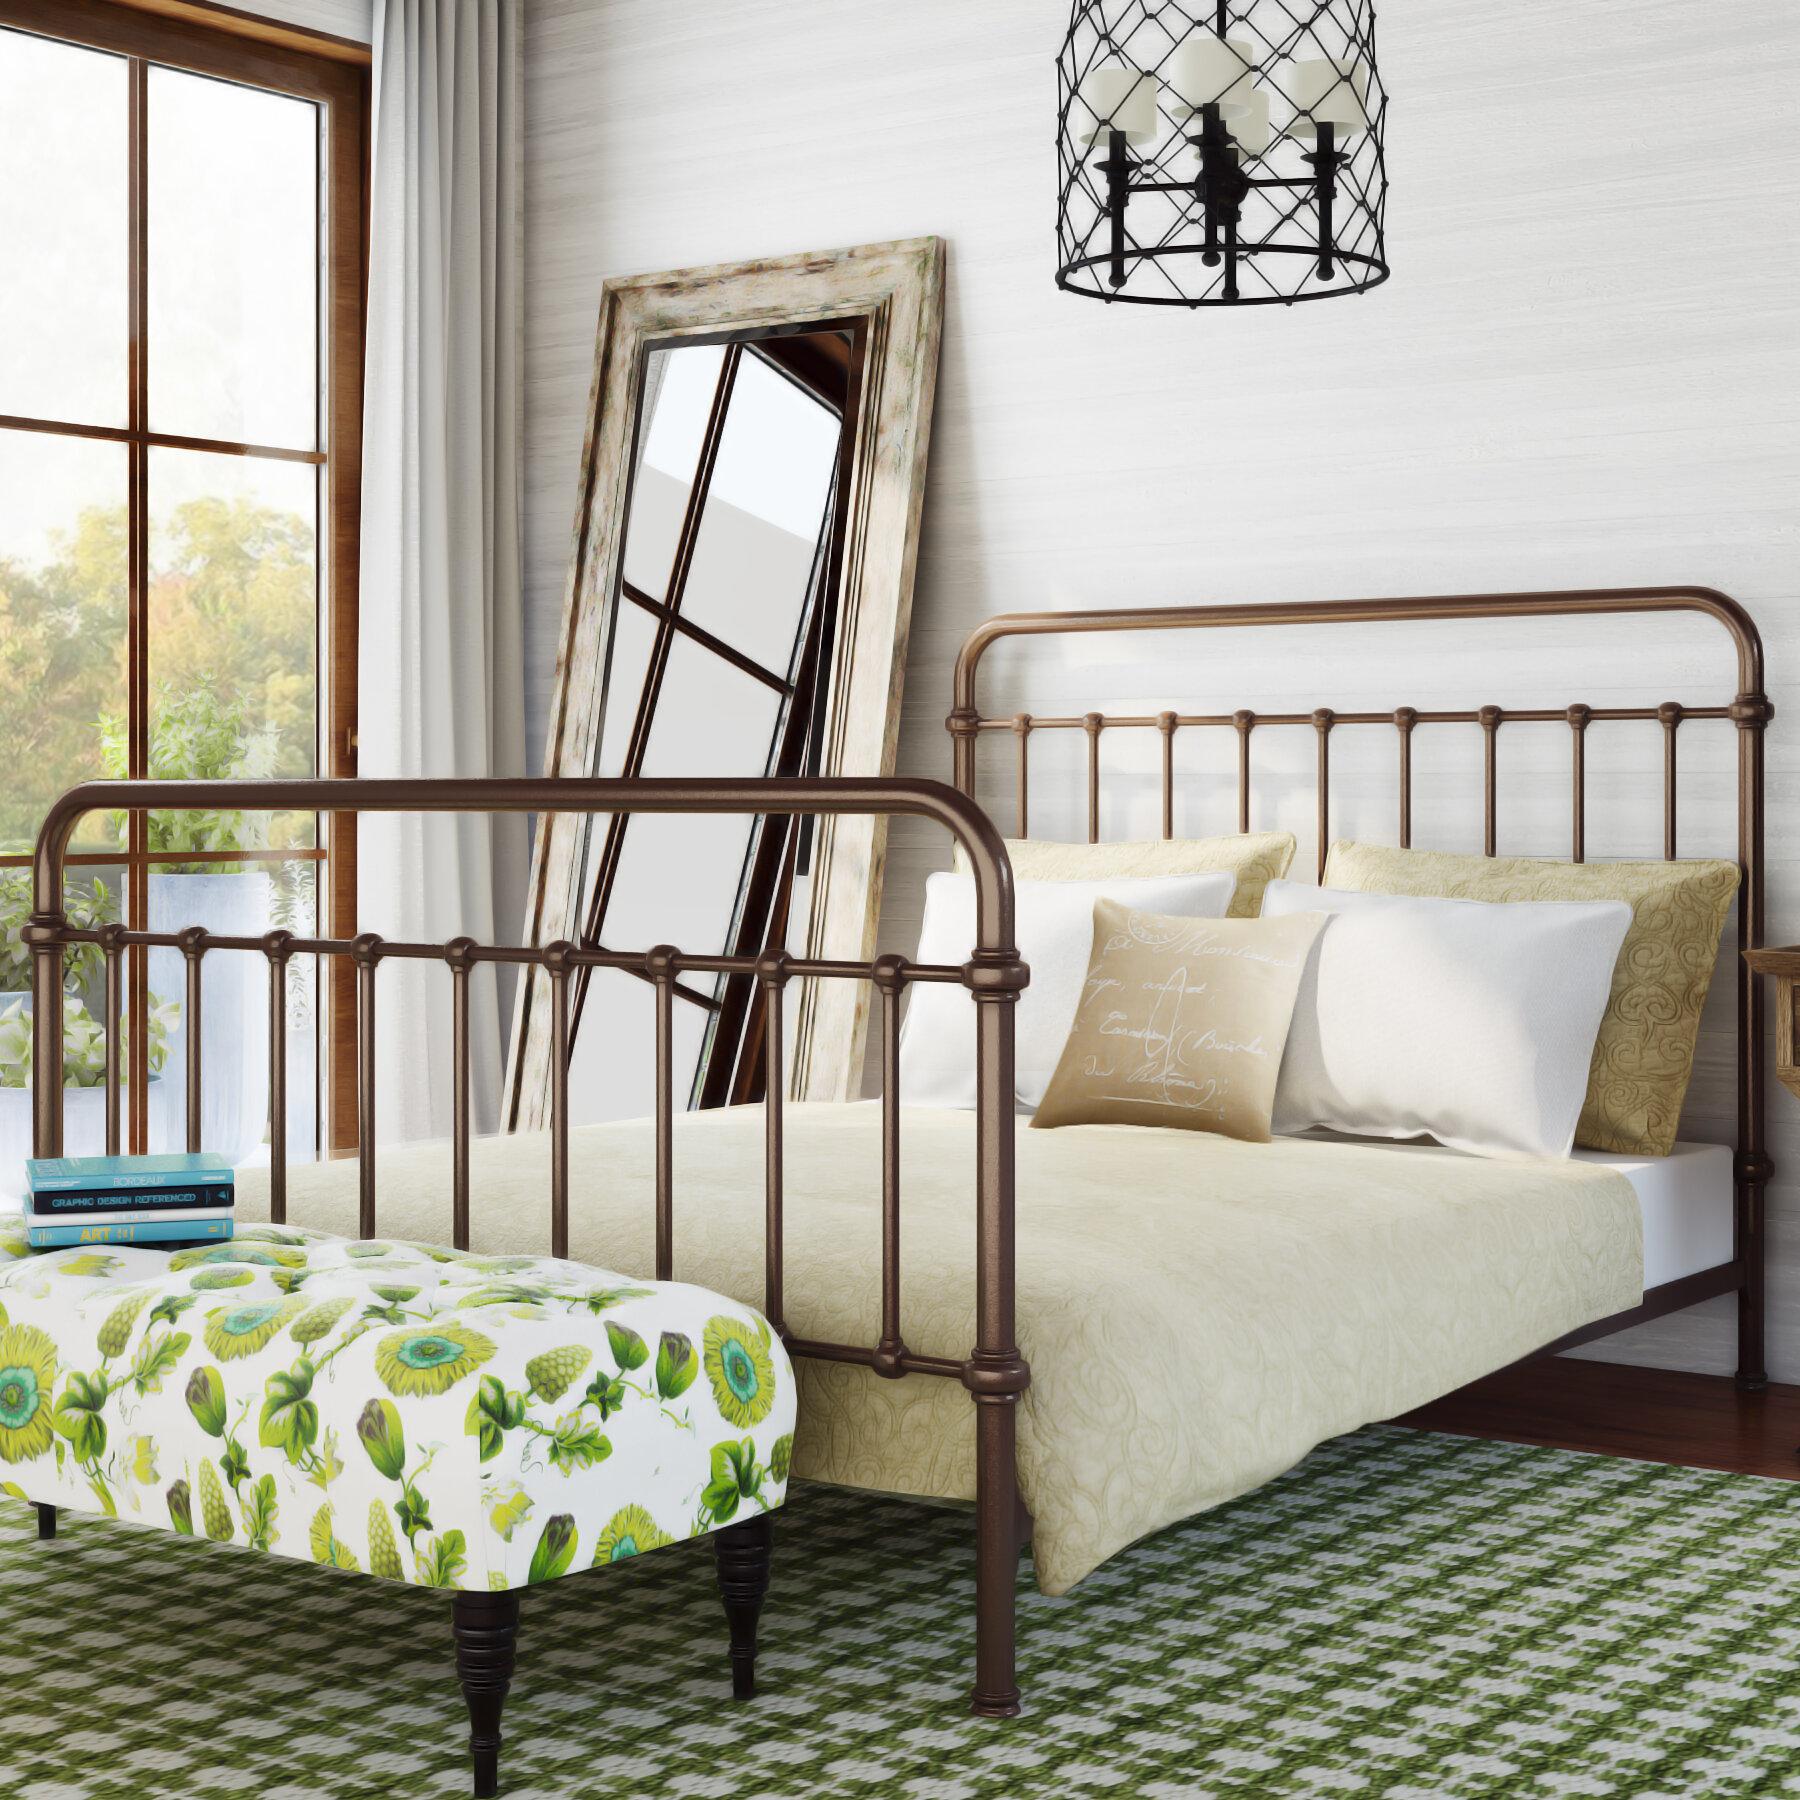 Perrytown Standard Bed Reviews Joss Main